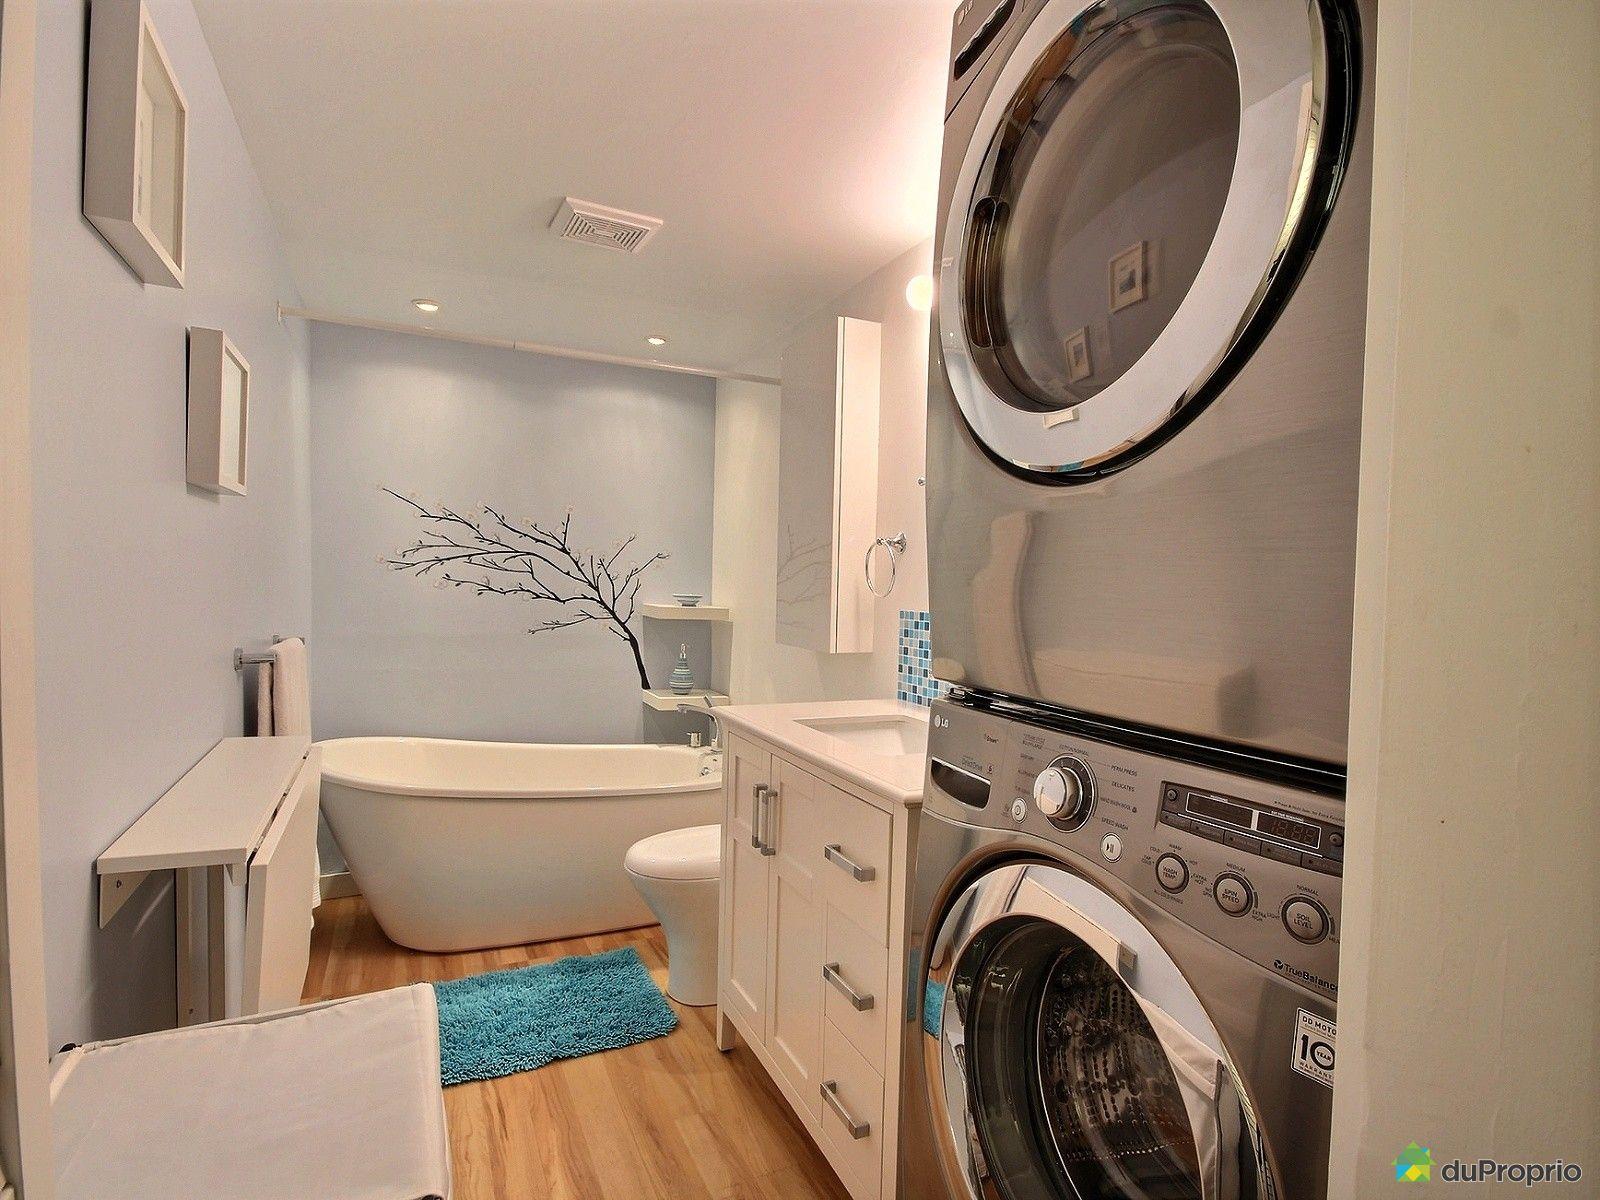 Armoire de cuisine en bois usag maison moderne - Armoire salle de bain a vendre ...